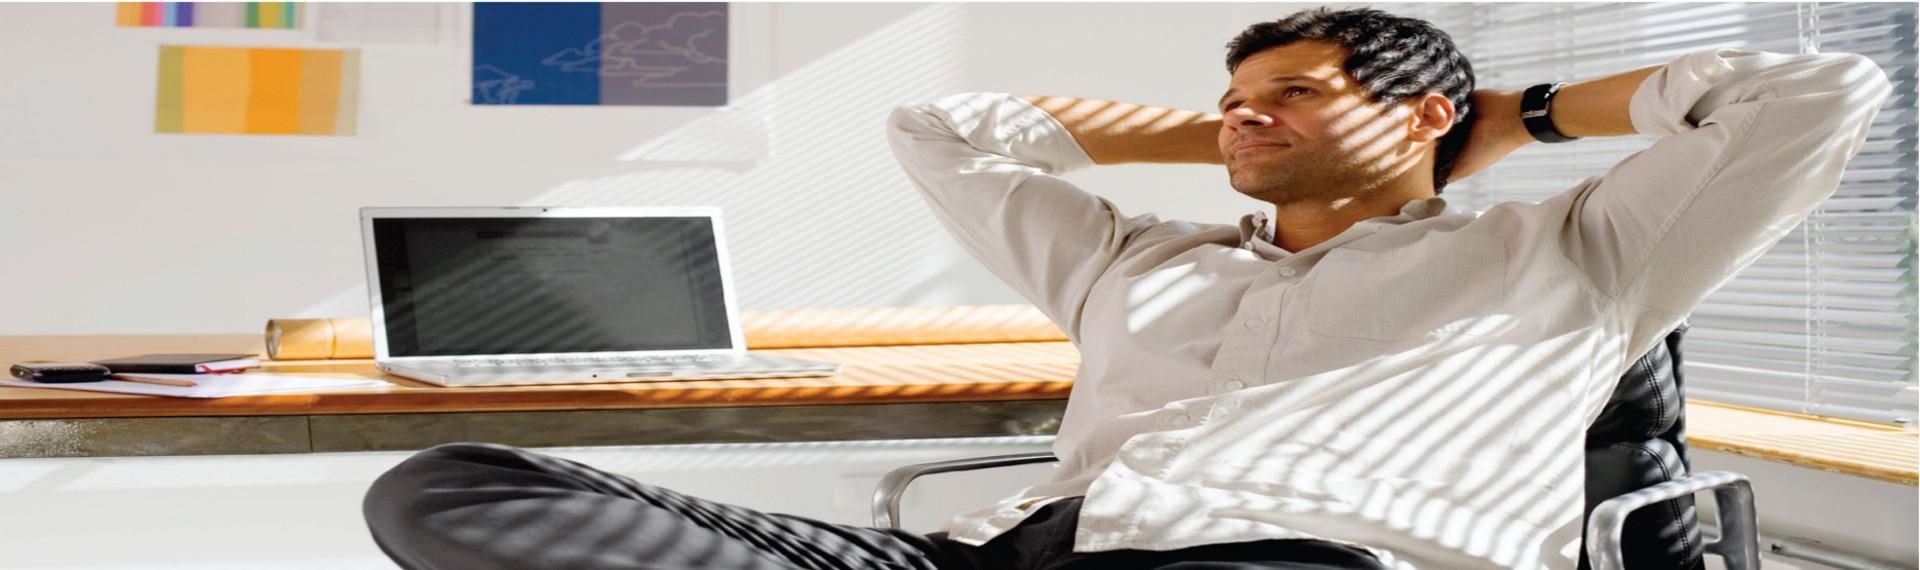 empresario-relajado-byg-asesores